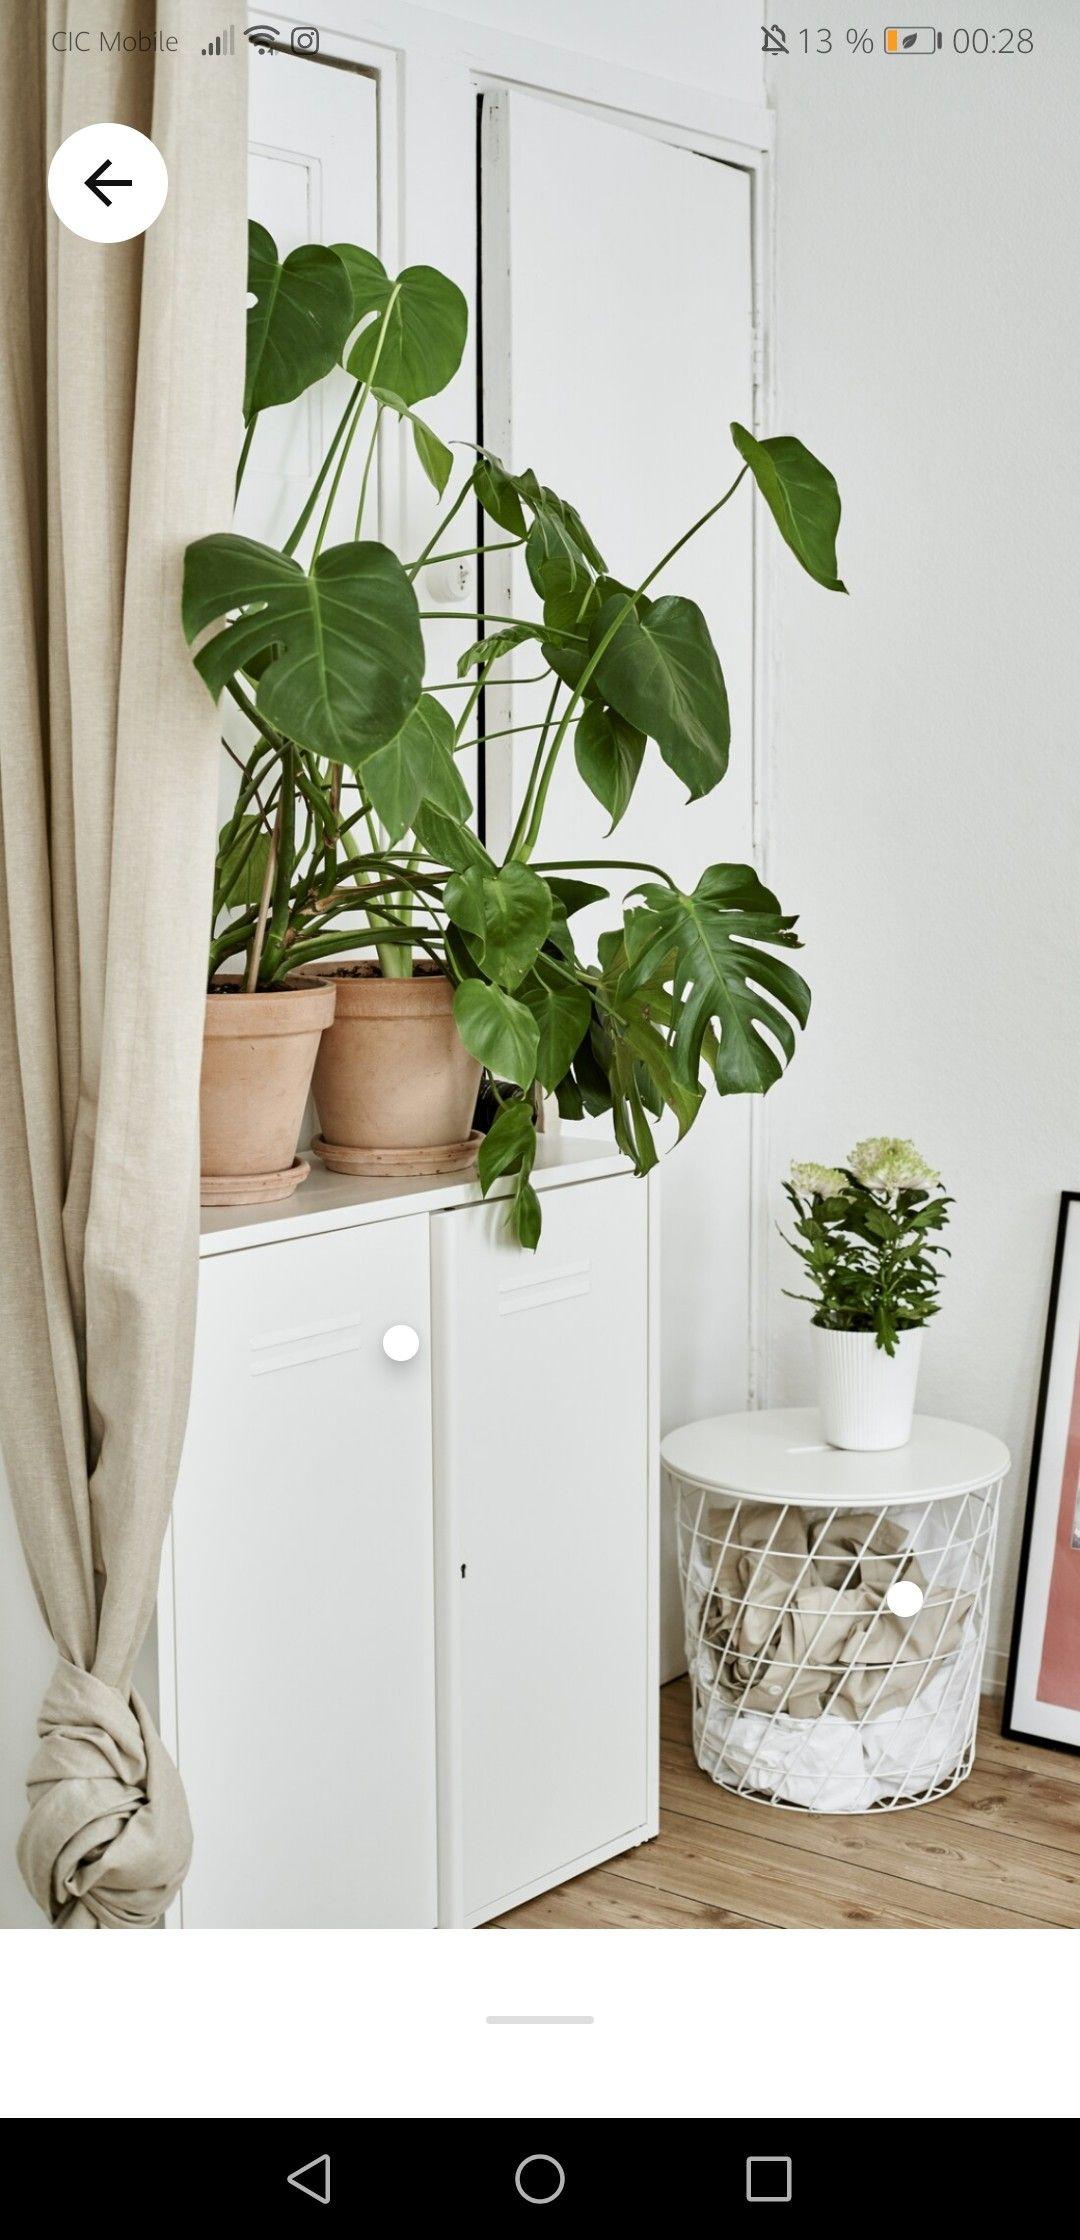 Epingle Par Tiphaine Hary Sur Decoration Plante En 2020 Amenagement Studio Decoration Interieure Deco Chambre Parental